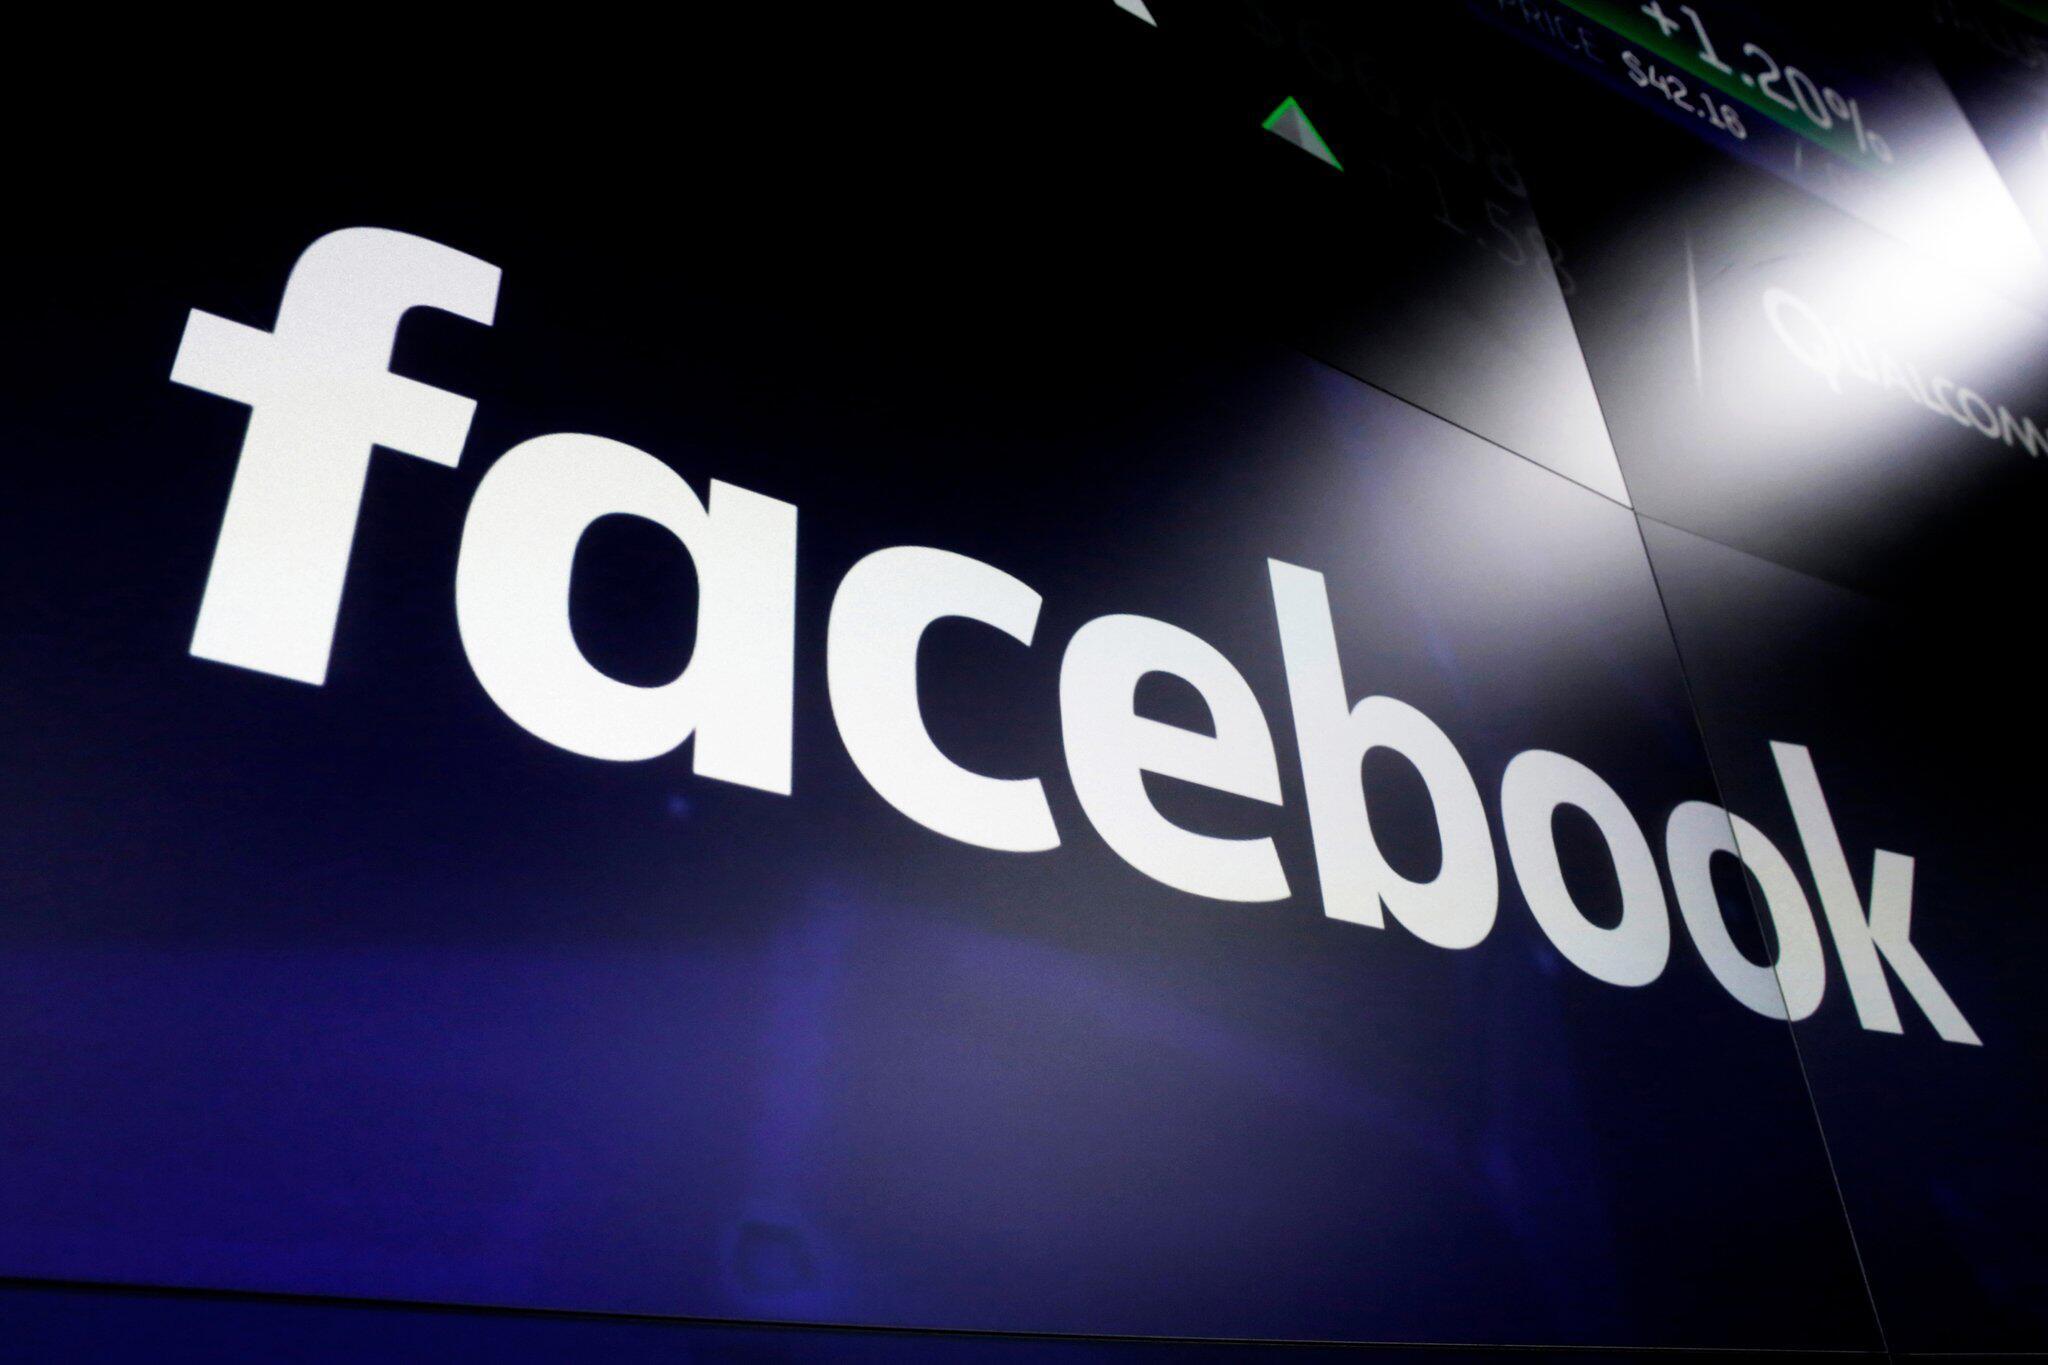 Nach Datenschutzpannen - Facebook legt Milliarden für Strafzahlungen zurück